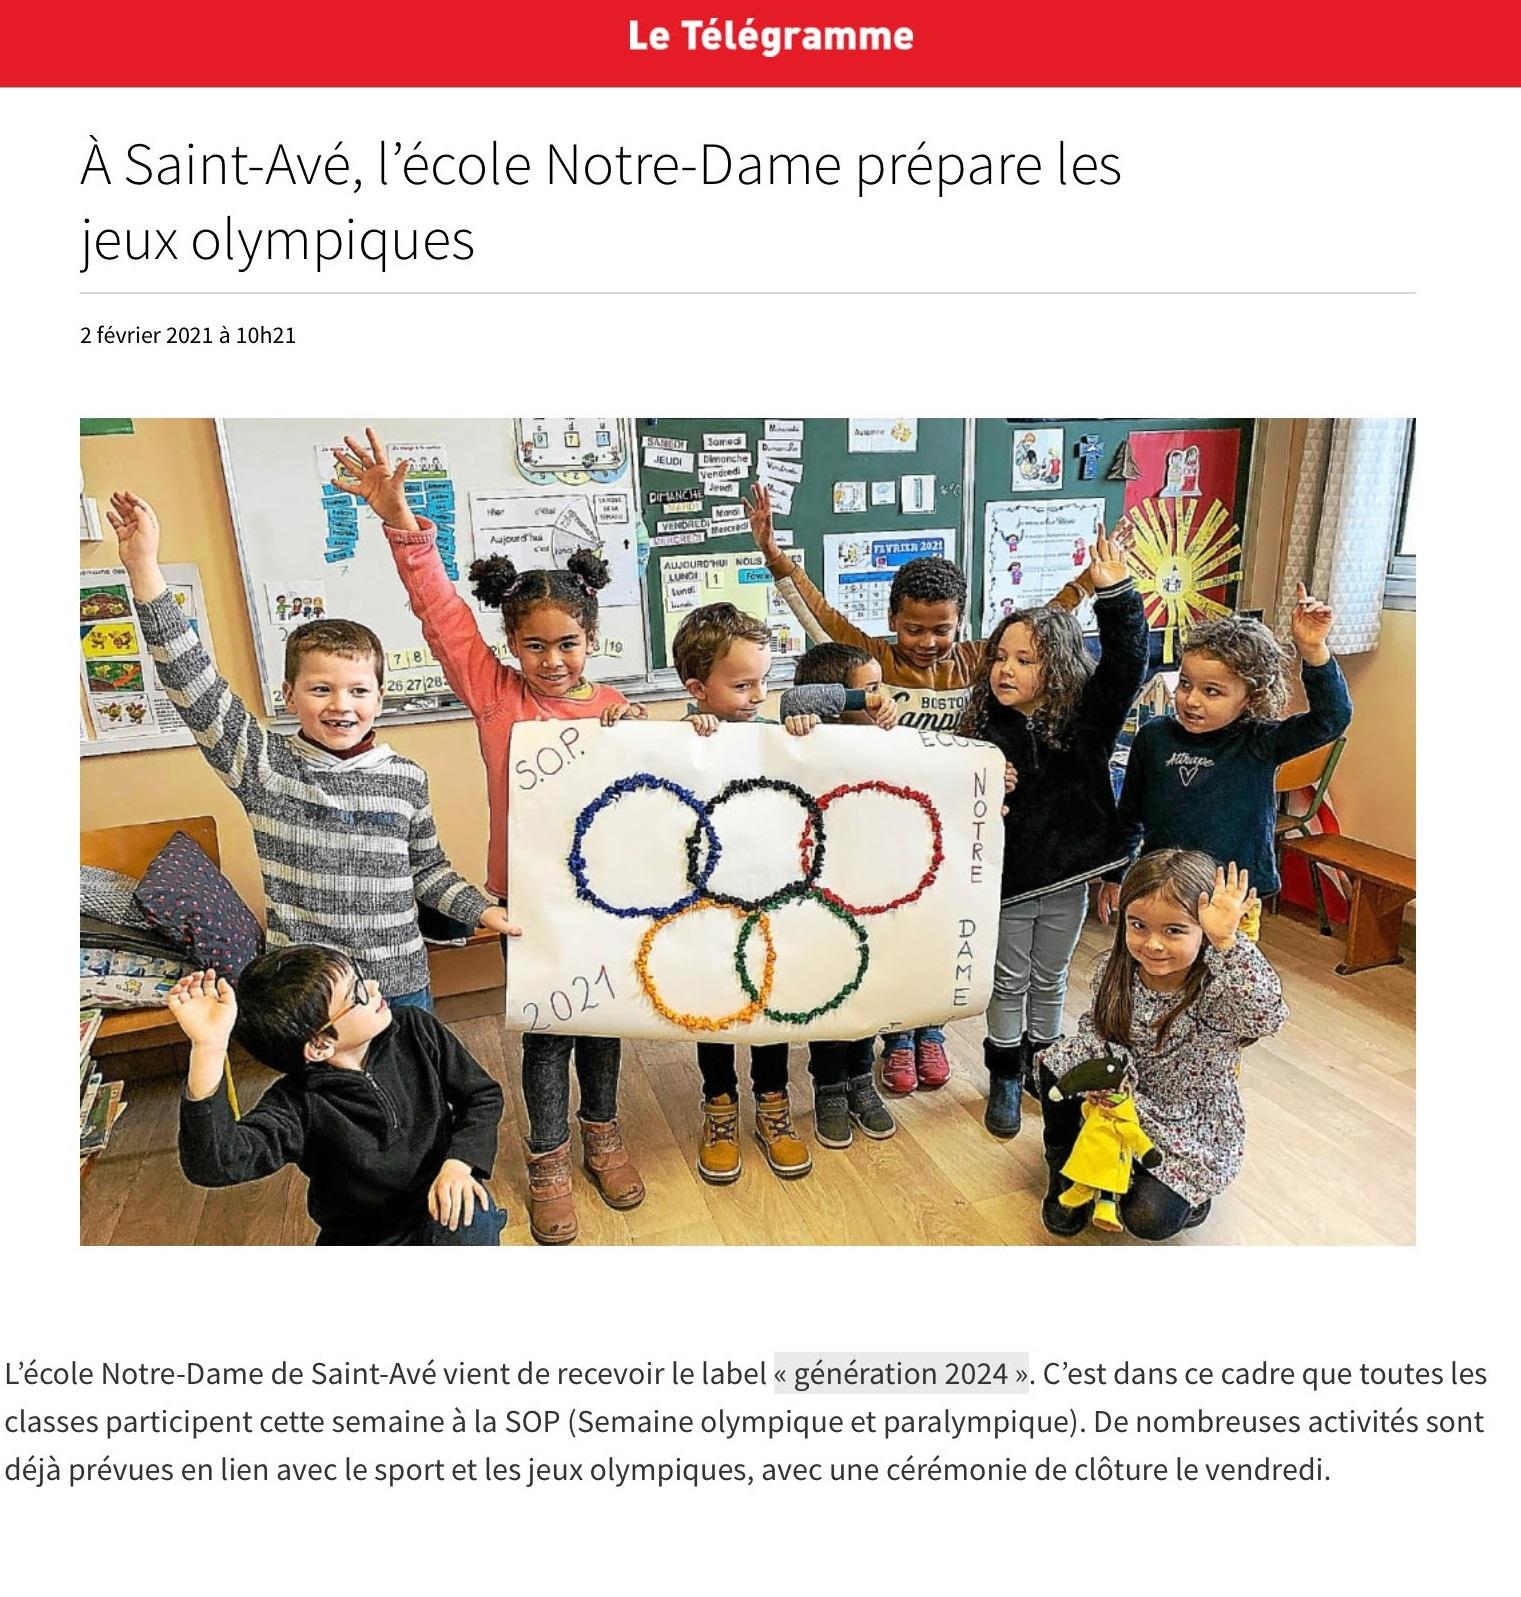 L'école Notre-Dame prépare les Jeux Olympiques